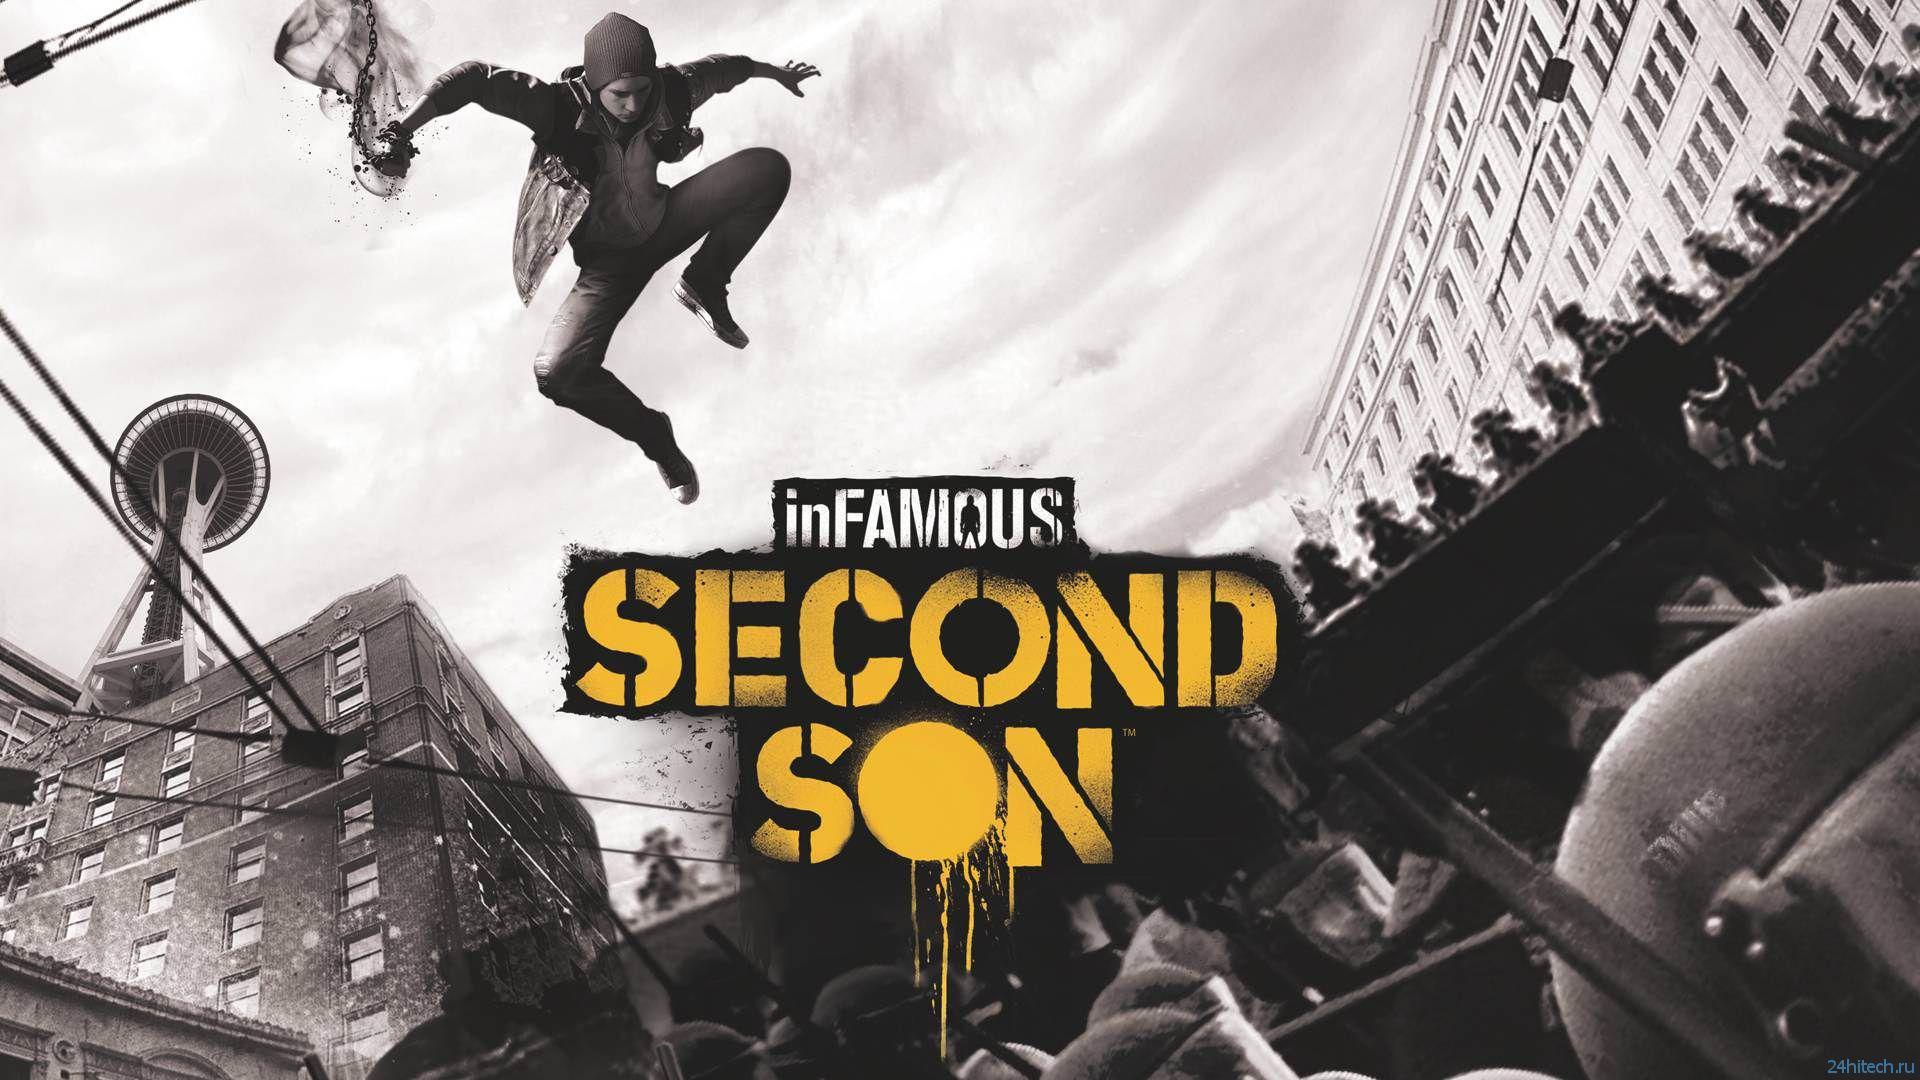 Купившие Infamous: Second Son по предзаказу получат дополнительную одежду для героя